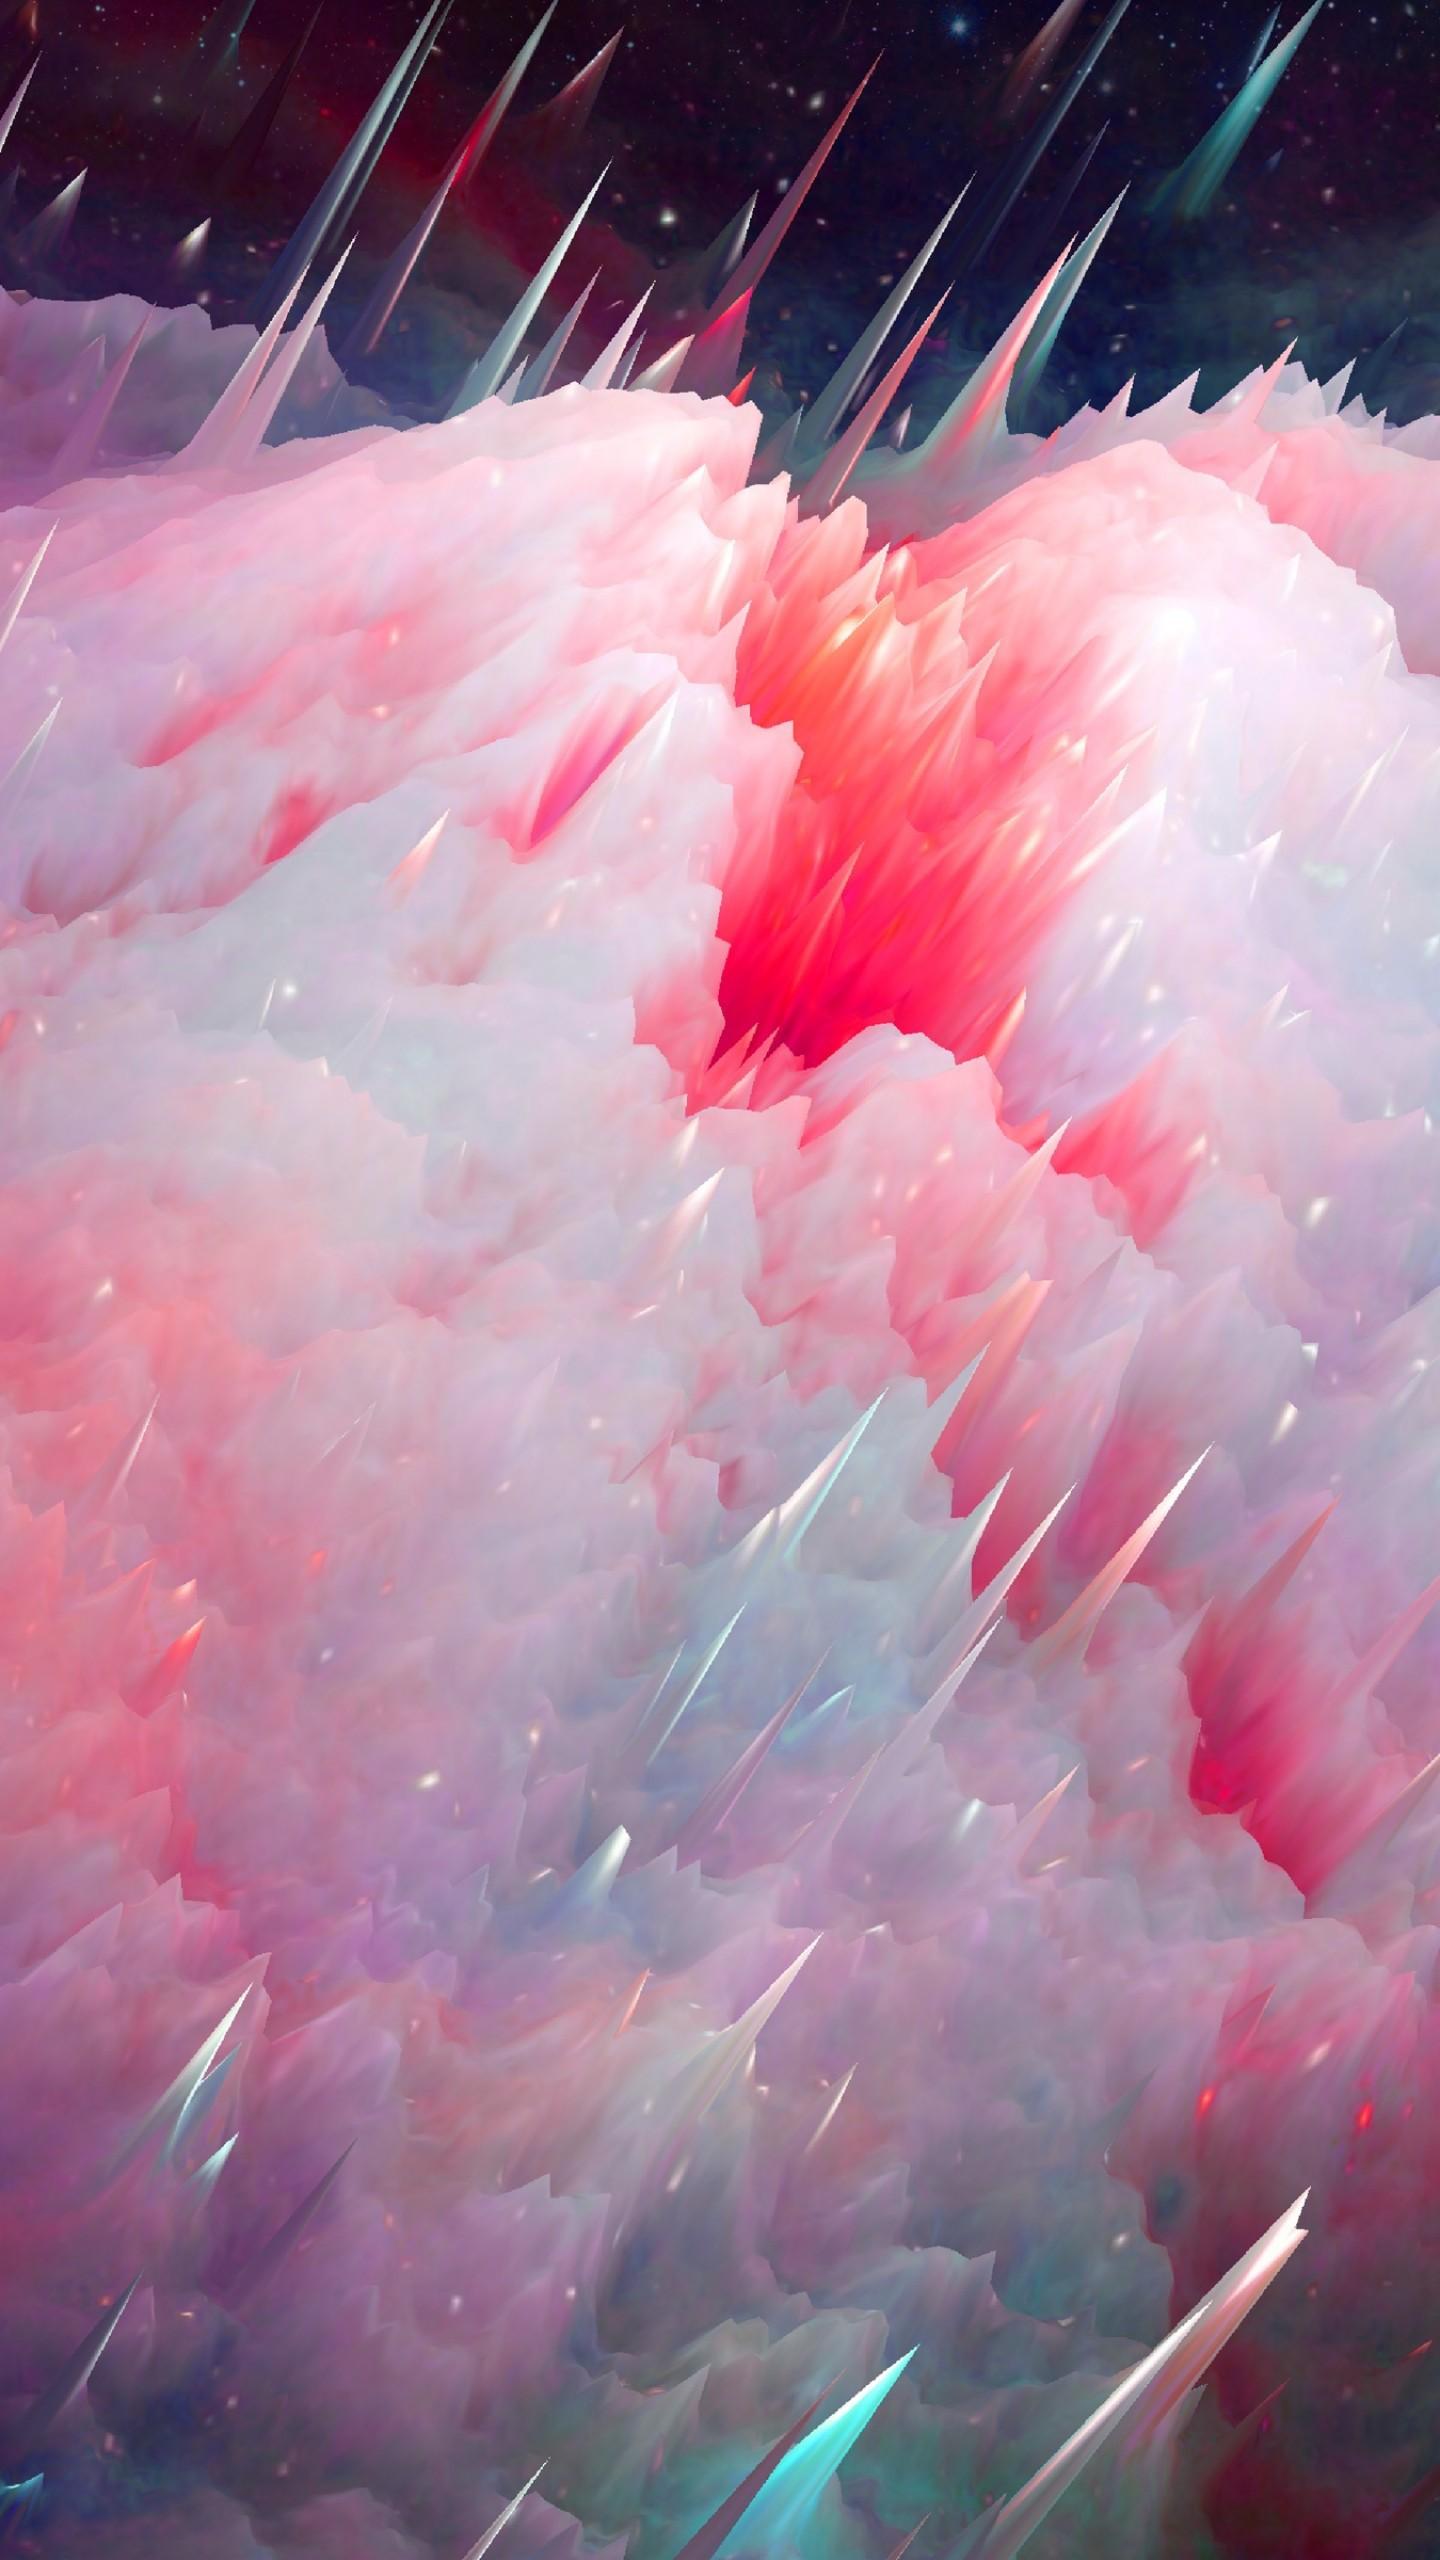 عکس زمینه انفجار رنگارنگ سحابی پس زمینه